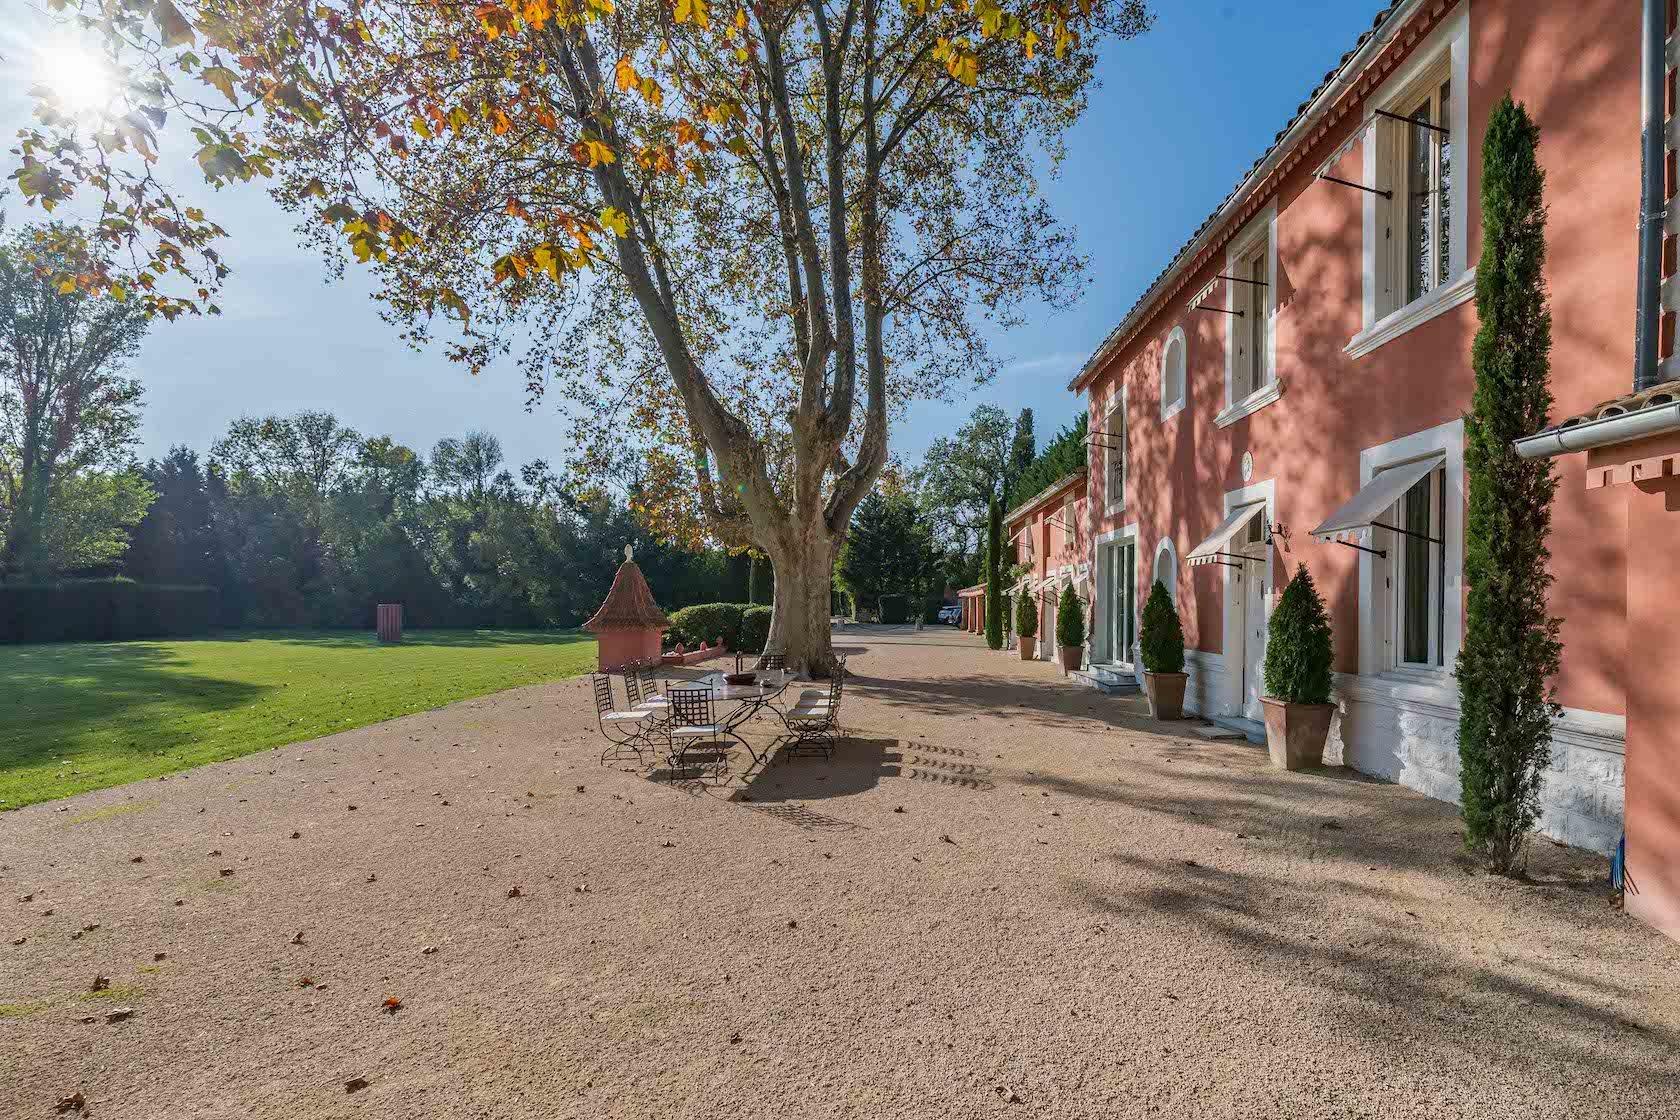 Villas for Sale - A3367710